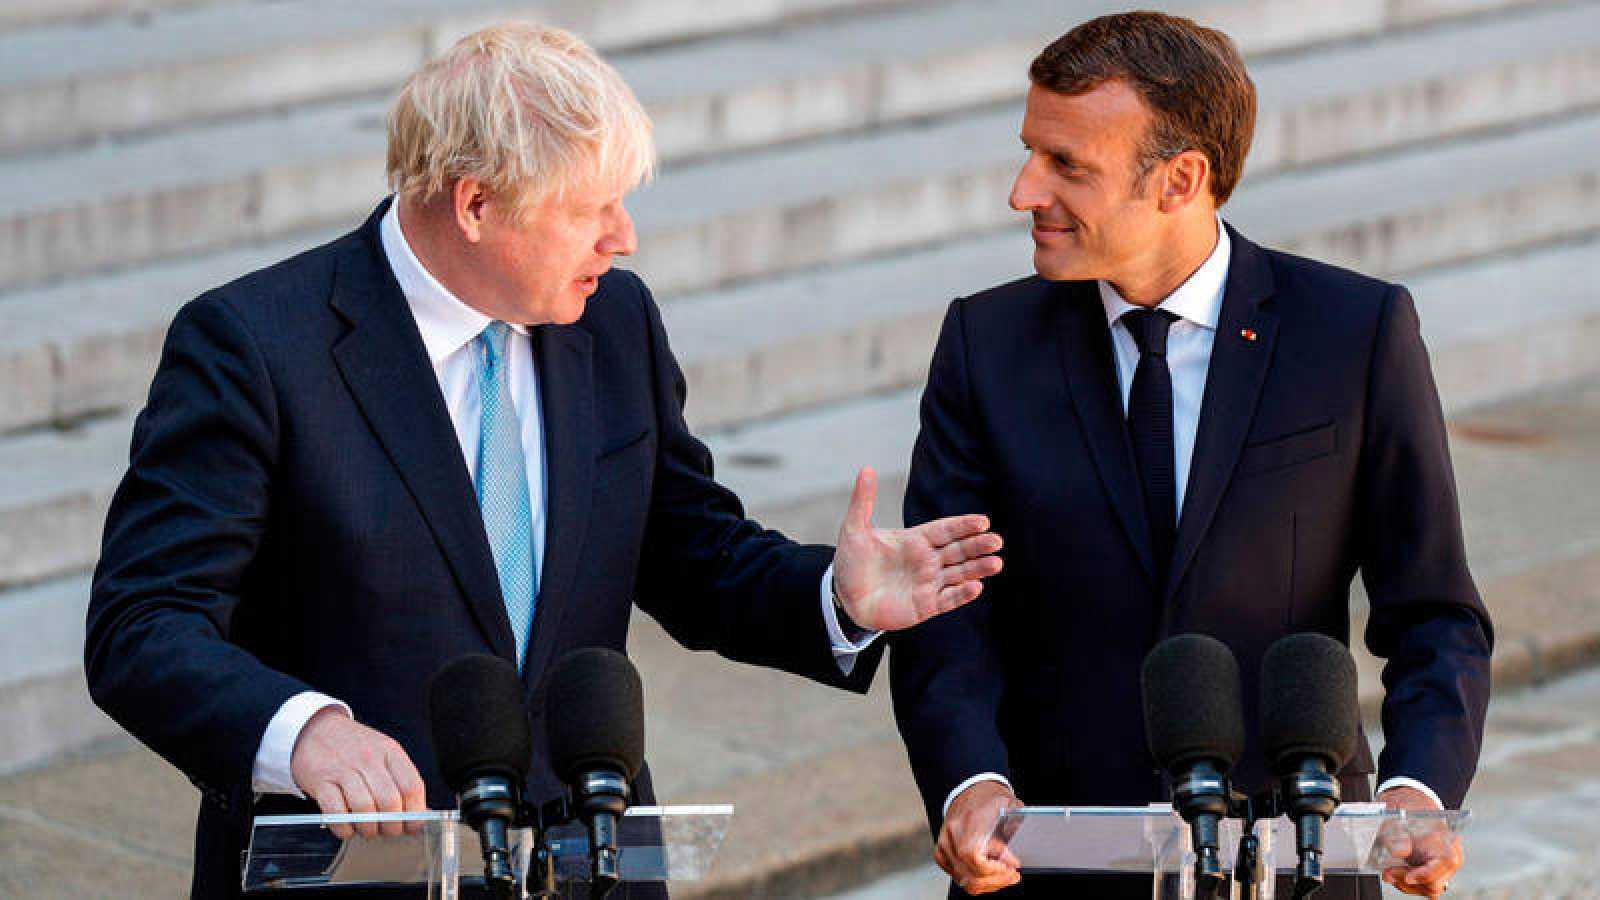 El presidente francés, Emmanuel Macron (R) y el primer ministro británico, Boris Johnson, hablan con los medios antes de su reunión en el Palacio del Elíseo en París